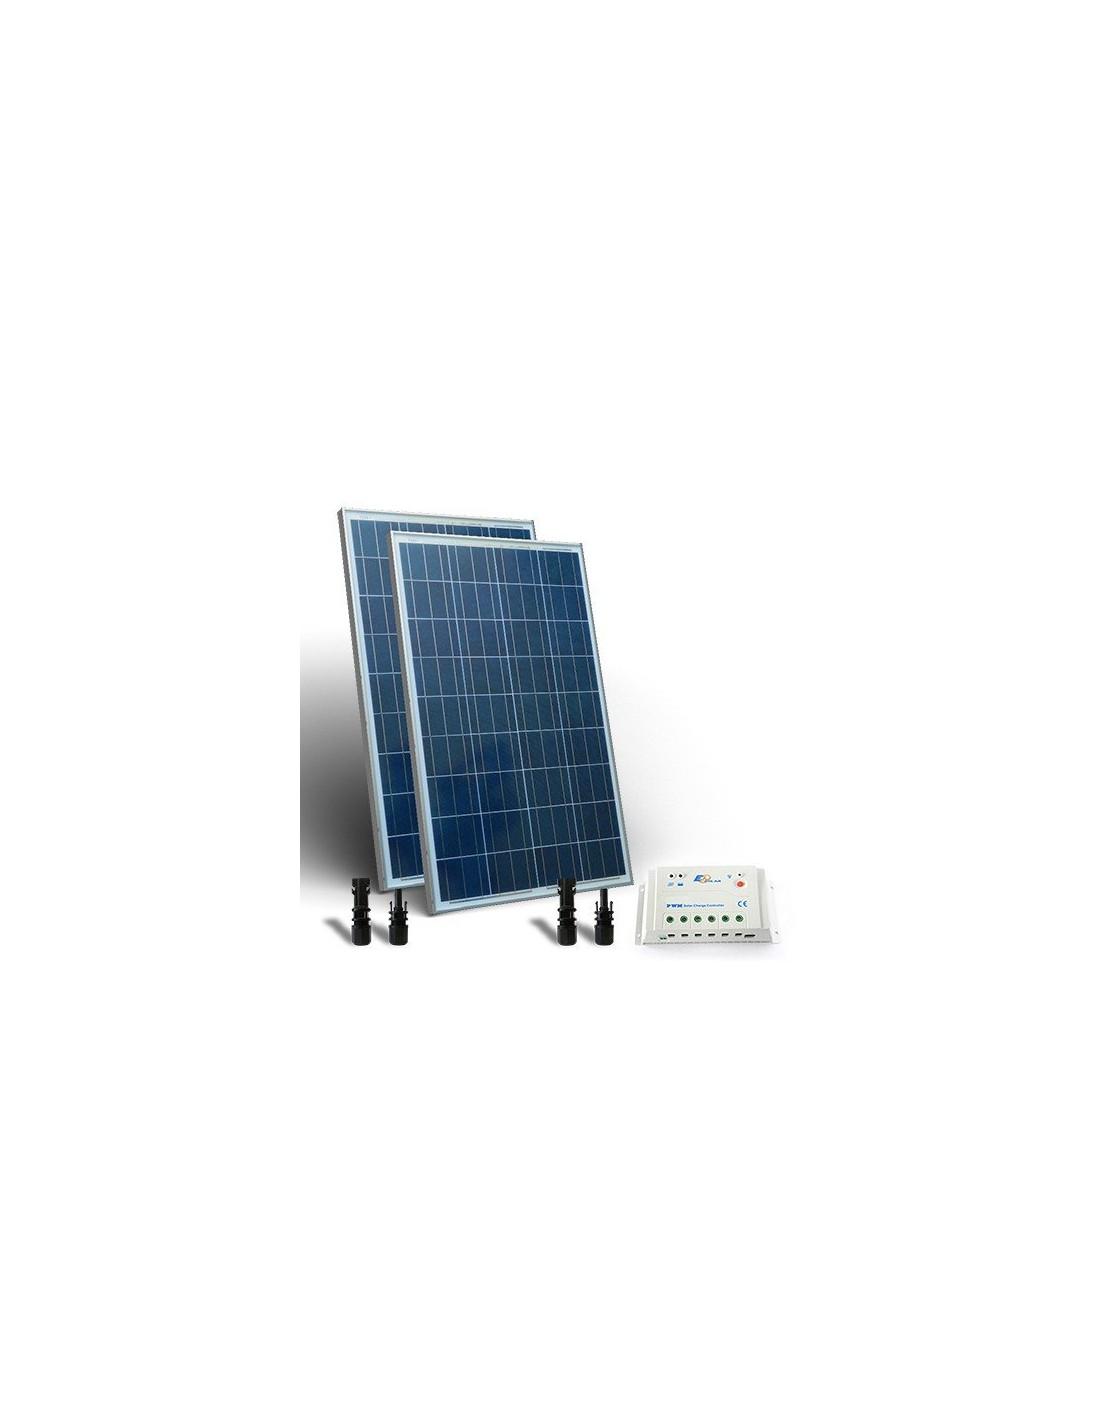 kit solaire base 160w 12 24v panneau photovoltaique regulateur de charge 20a pwm. Black Bedroom Furniture Sets. Home Design Ideas